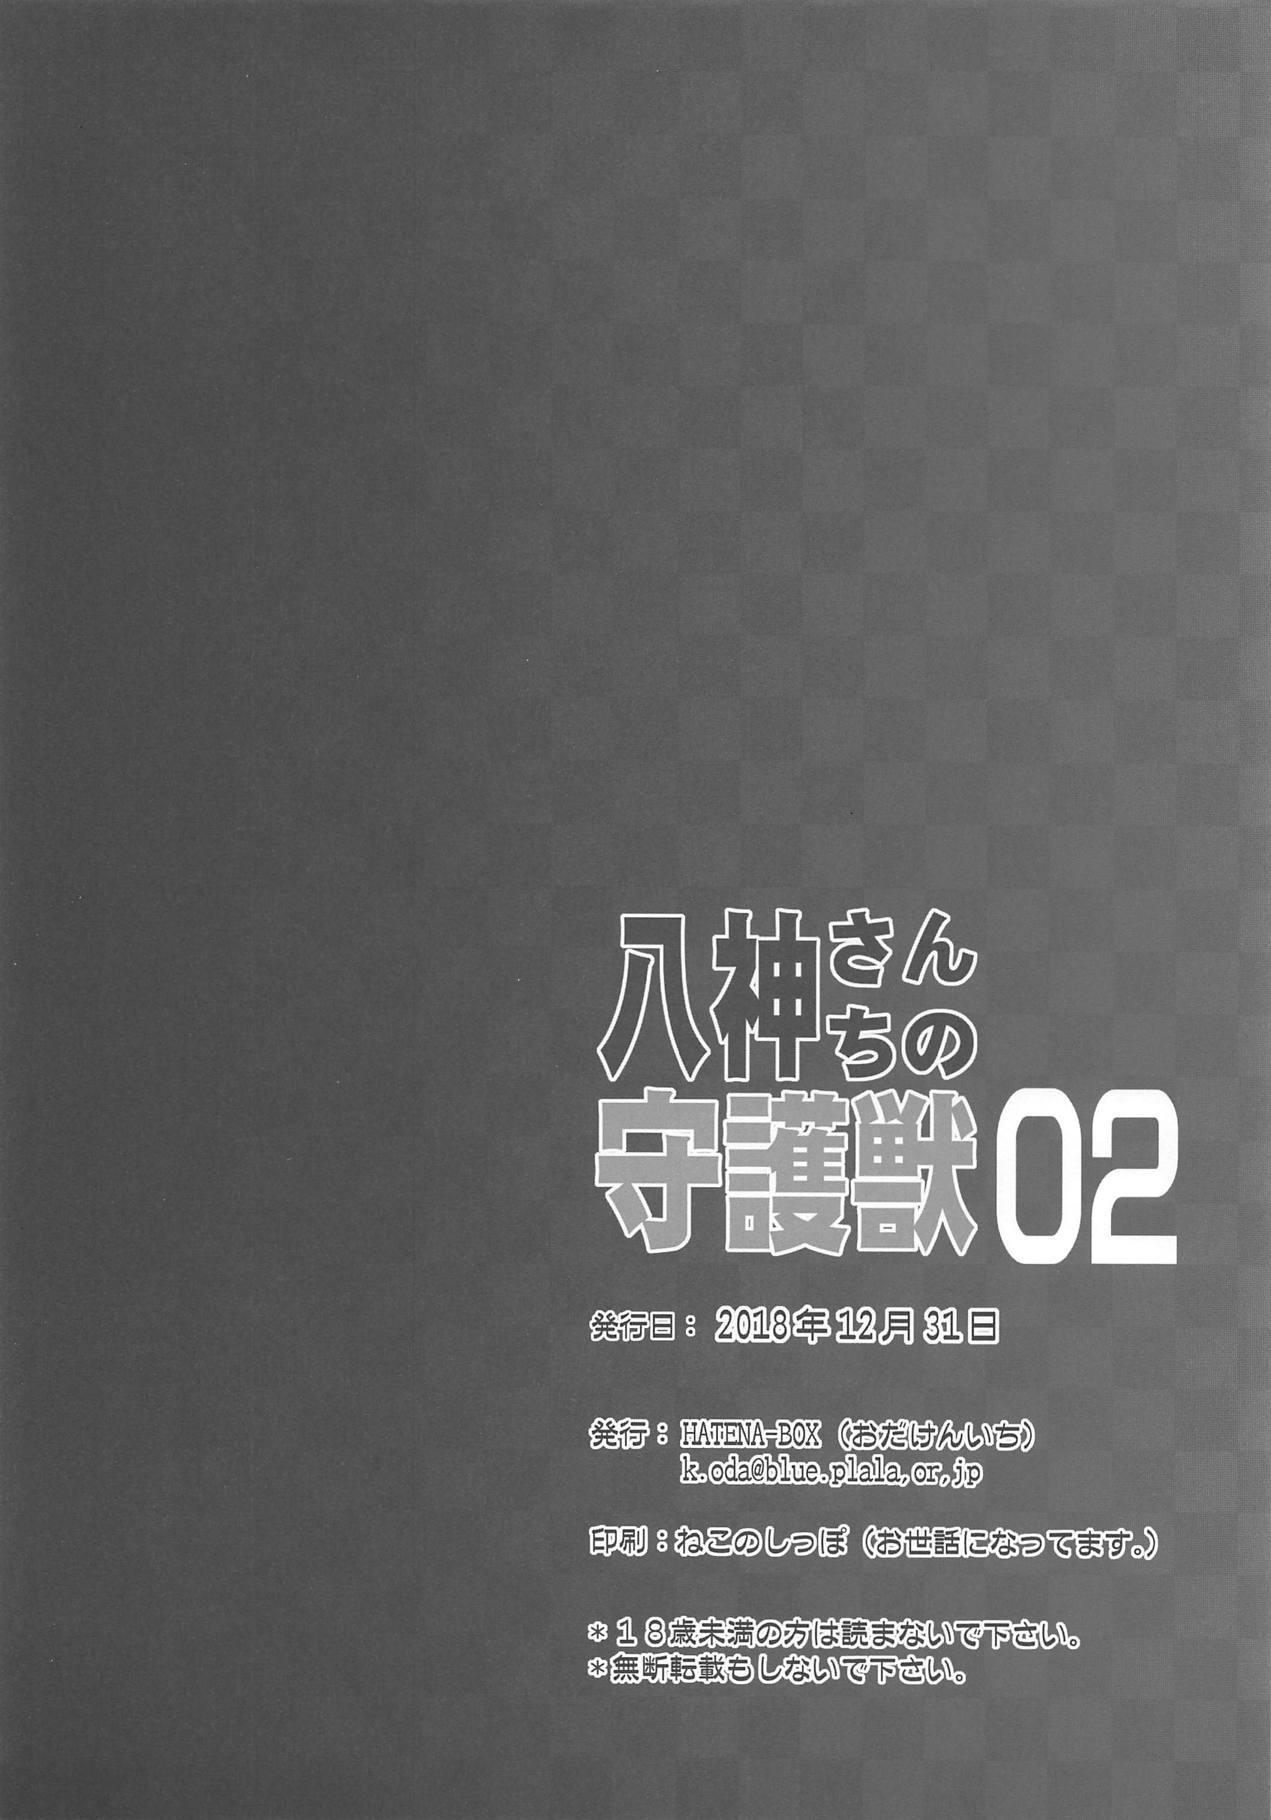 (C95) [HATENA-BOX (Oda Kenichi)] Yagami-san-chi no Shugojuu 02 (Mahou Shoujo Lyrical Nanoha) 24